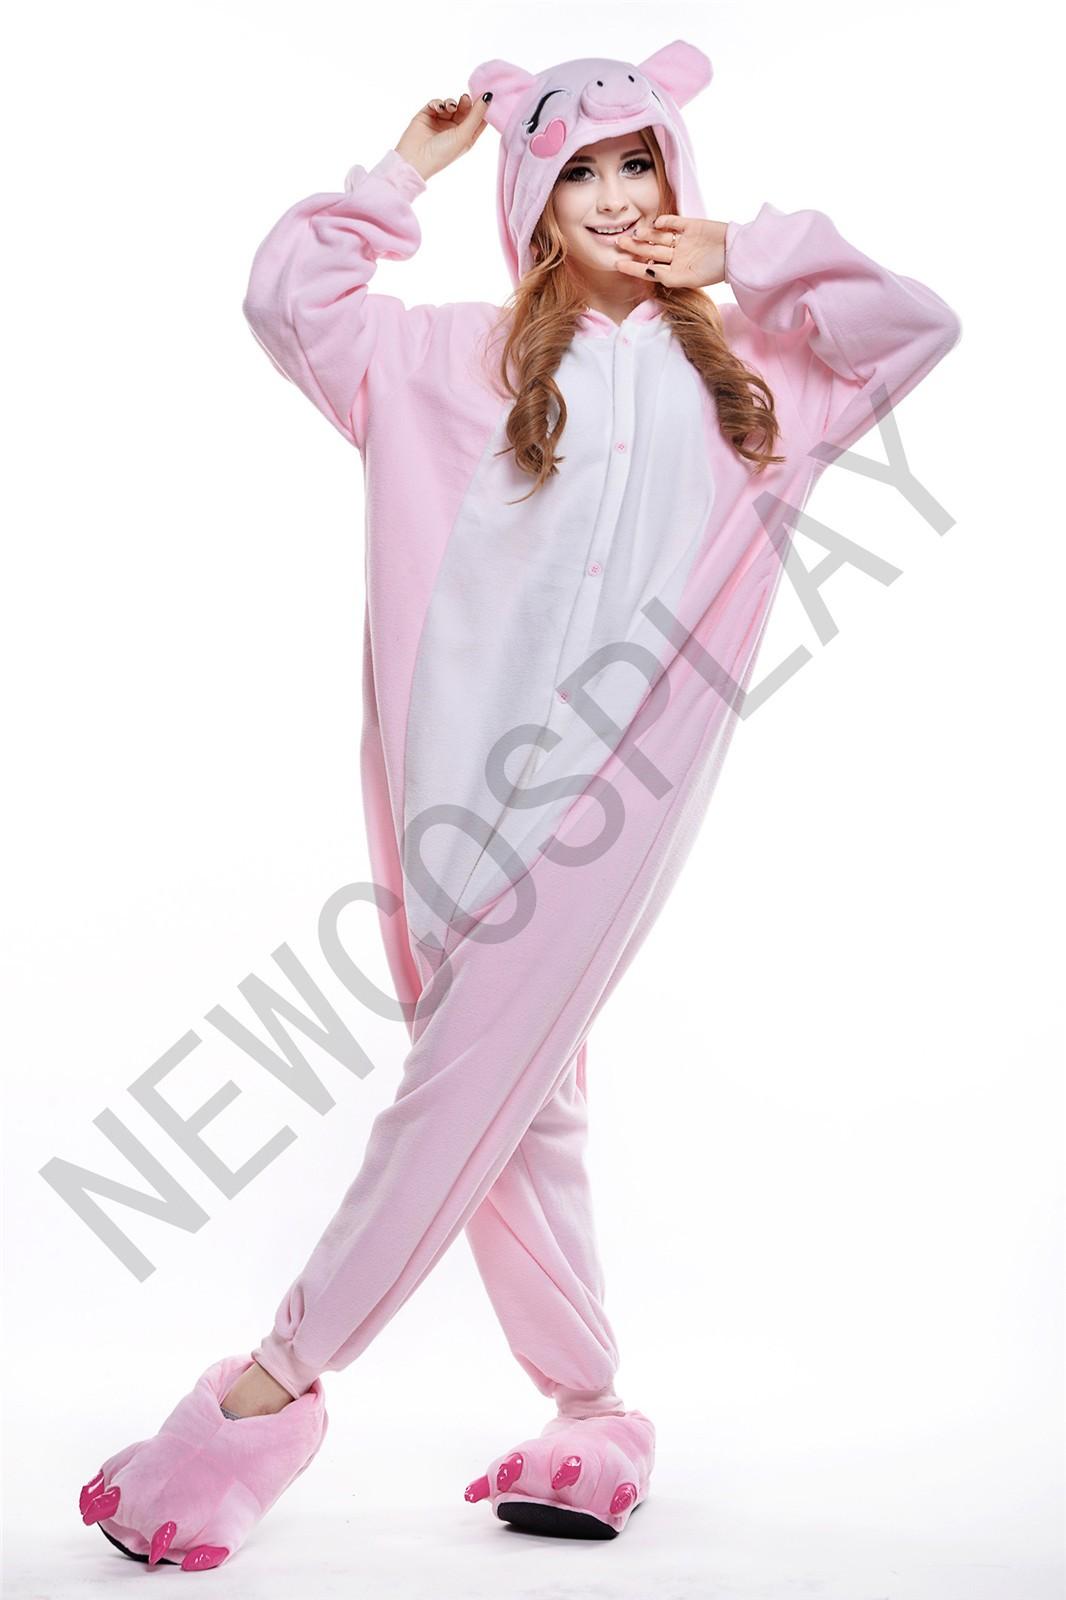 PINK PIG ONESIE by NEWCOSPLAY ONESIE